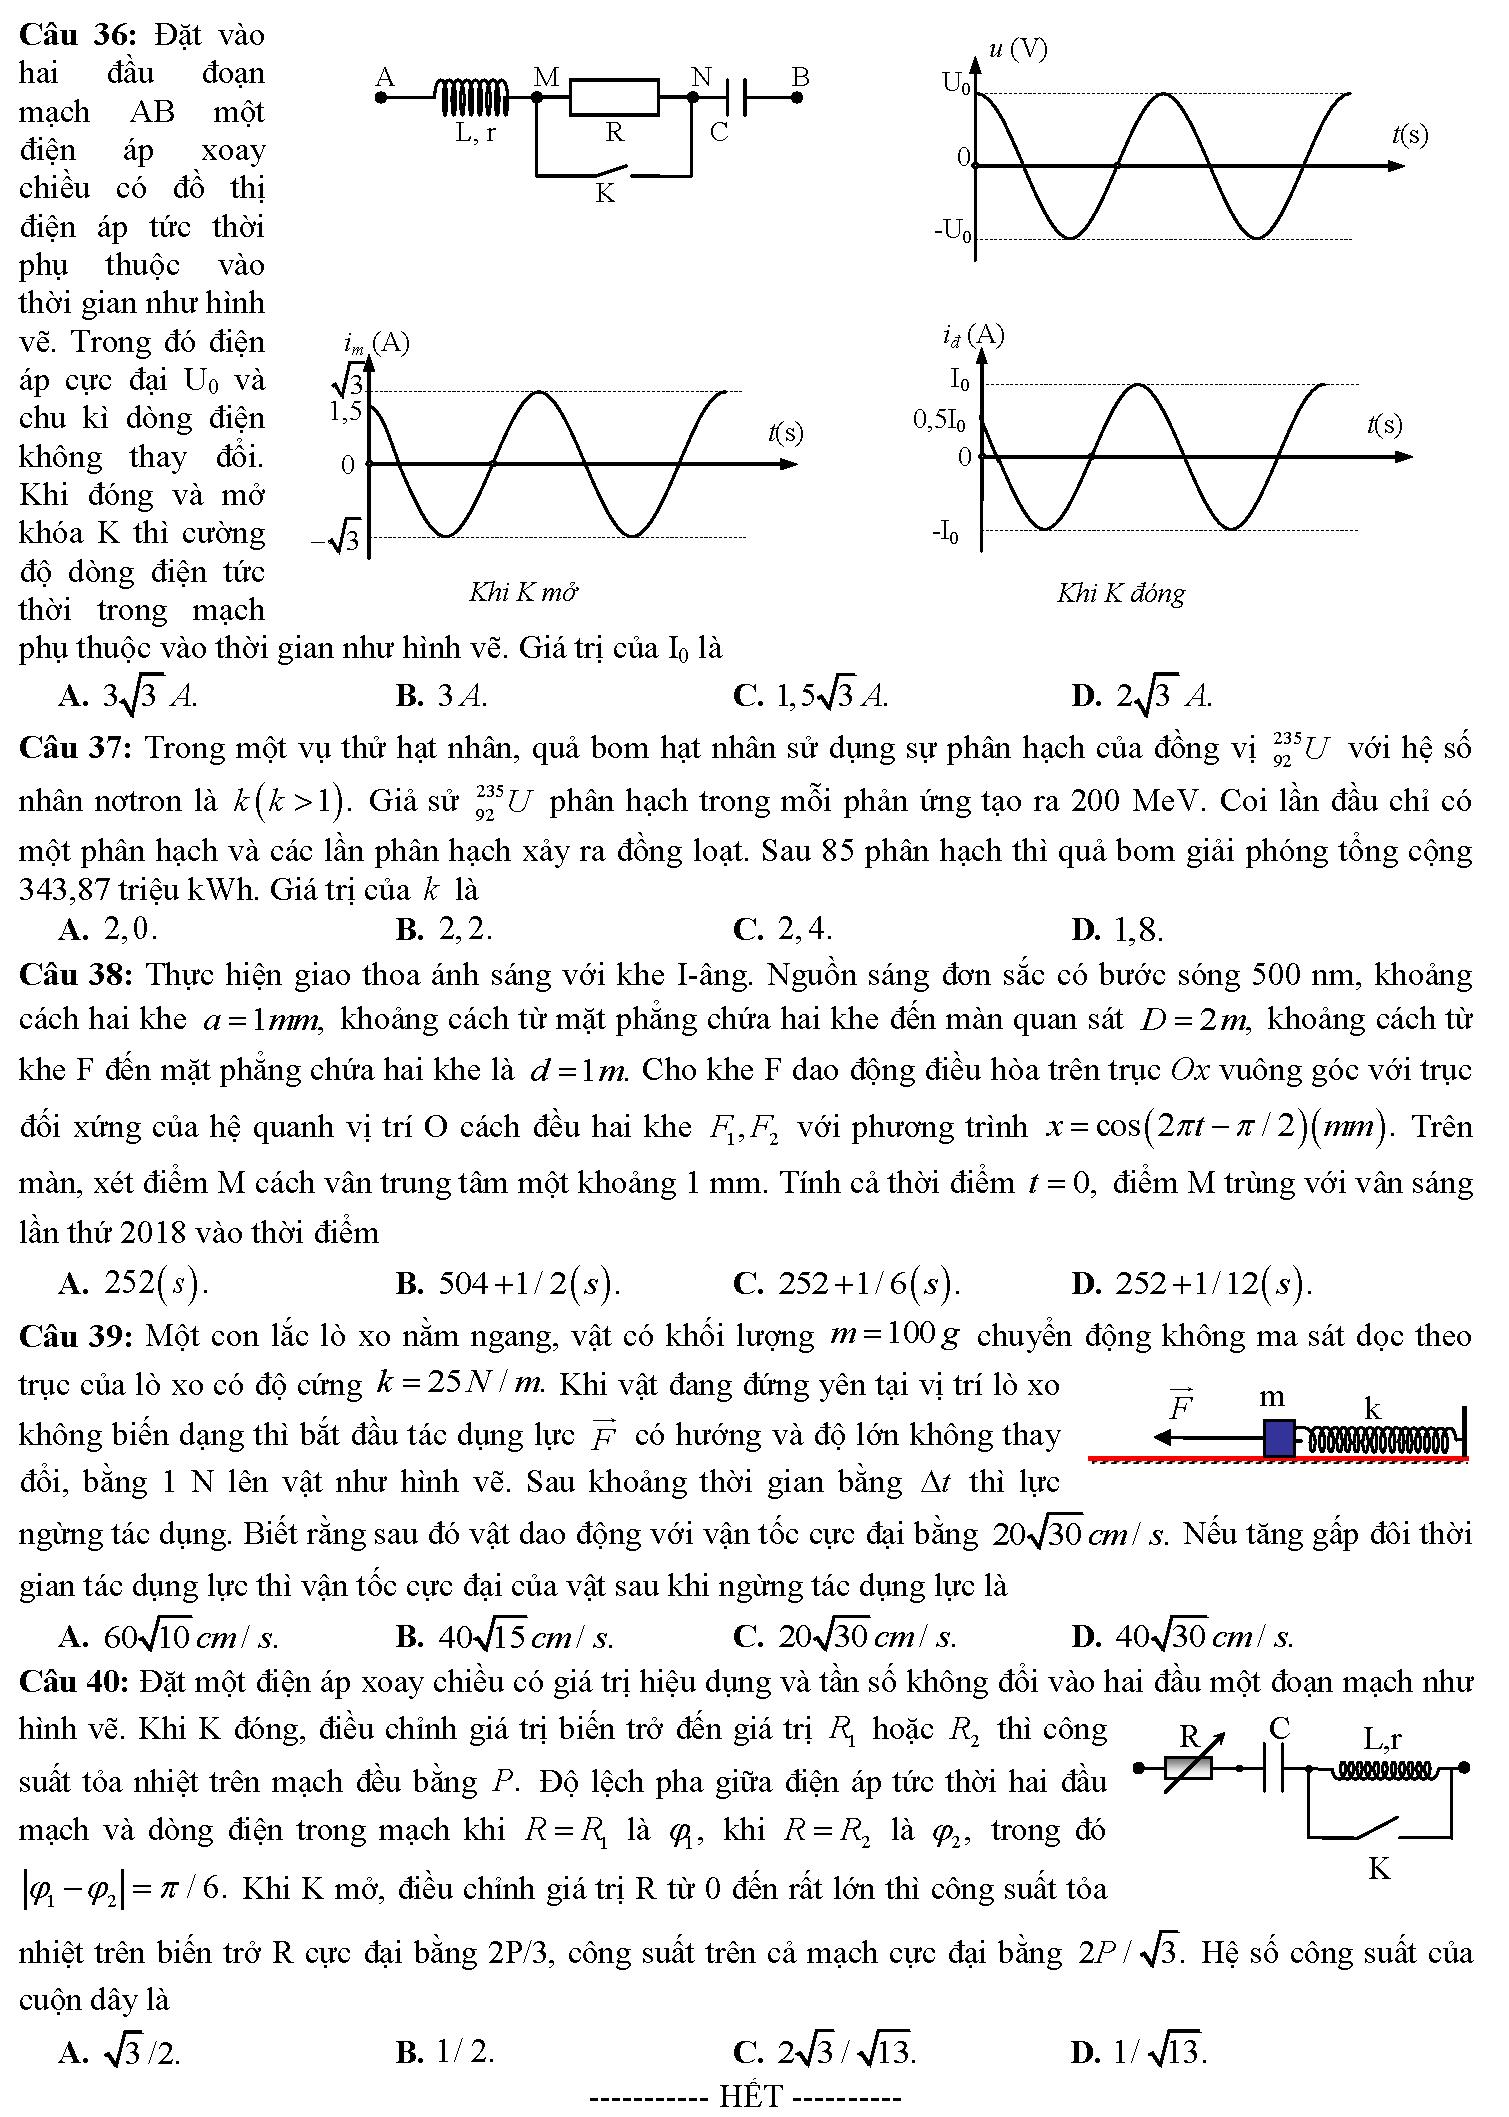 Đề thi thử vật lý 2018 trường THPT chuyên vinh lần 3_Page_4.png